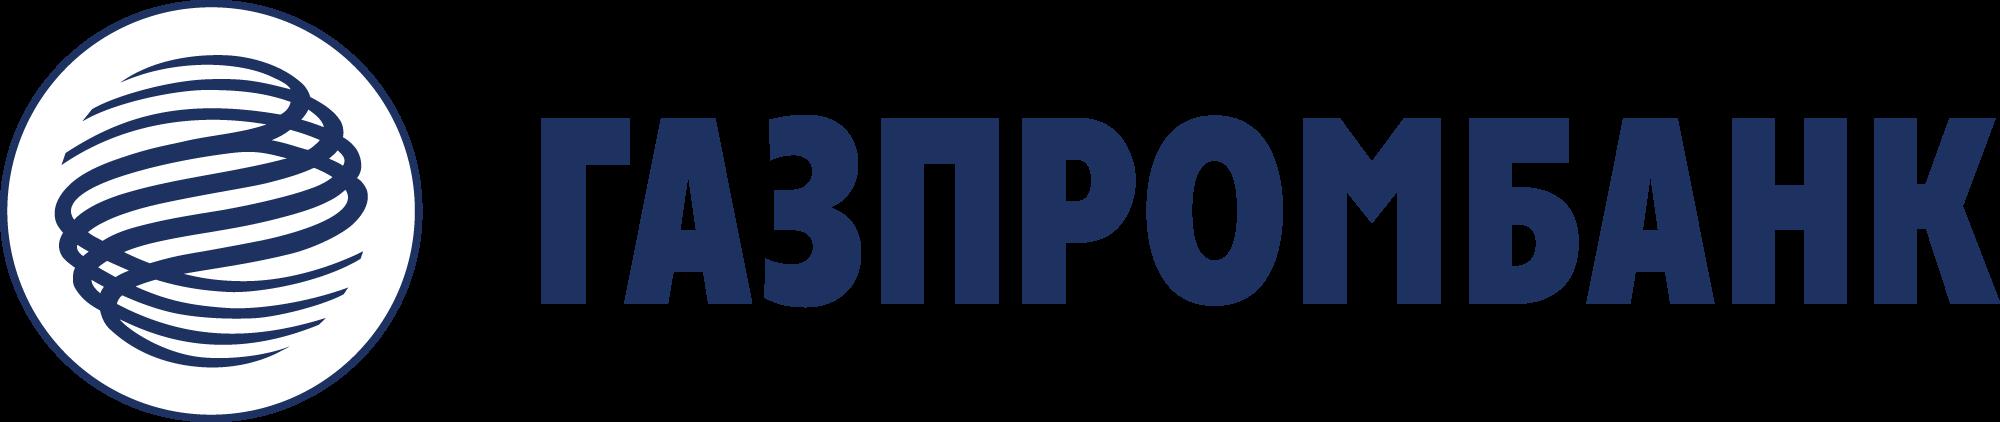 Условия получения кредита в Газпромбанке